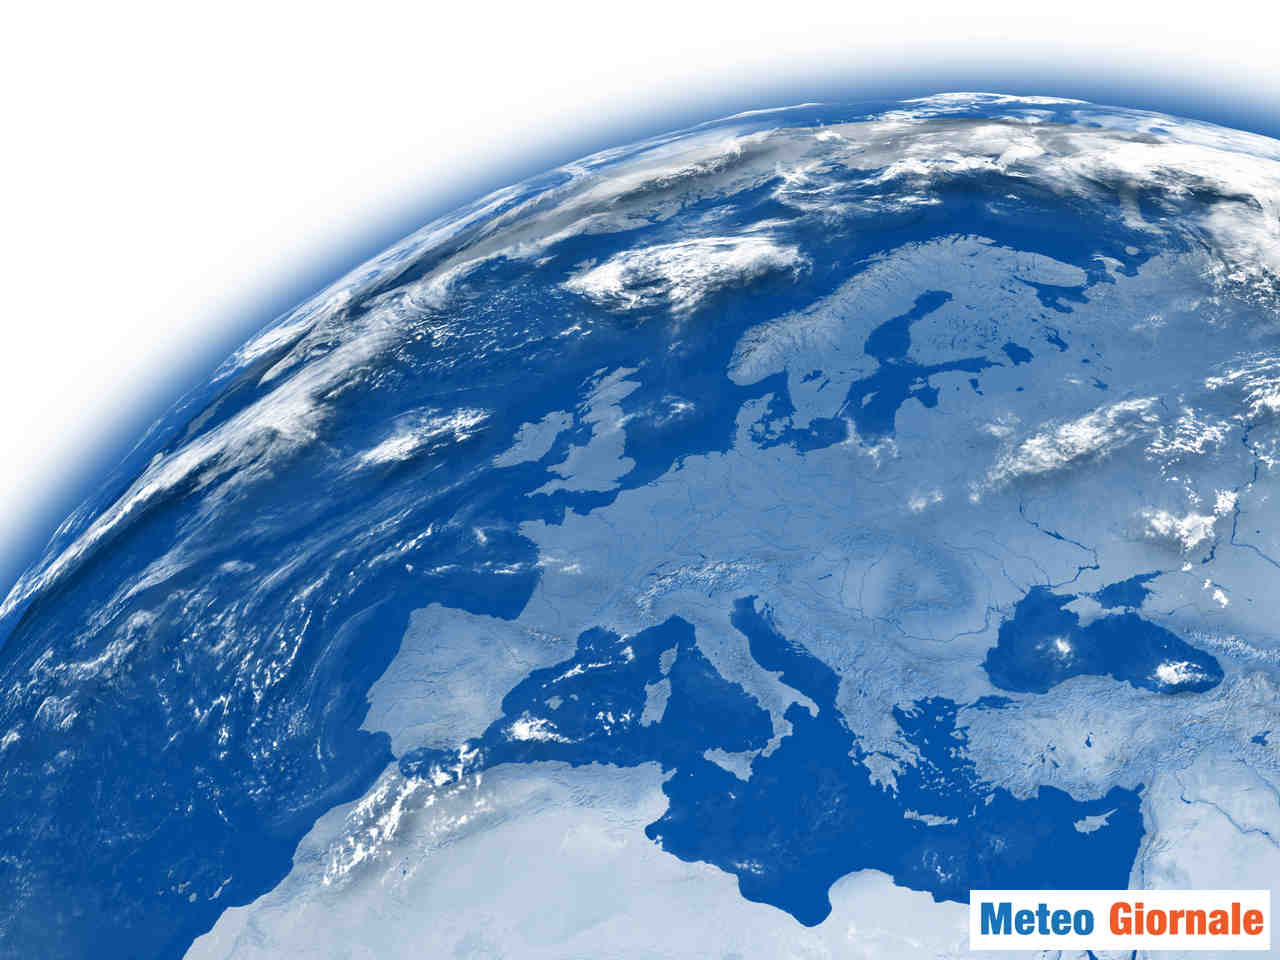 meteo giornale 00042 - Riscaldamento globale impatta le profondità oceaniche. Significato